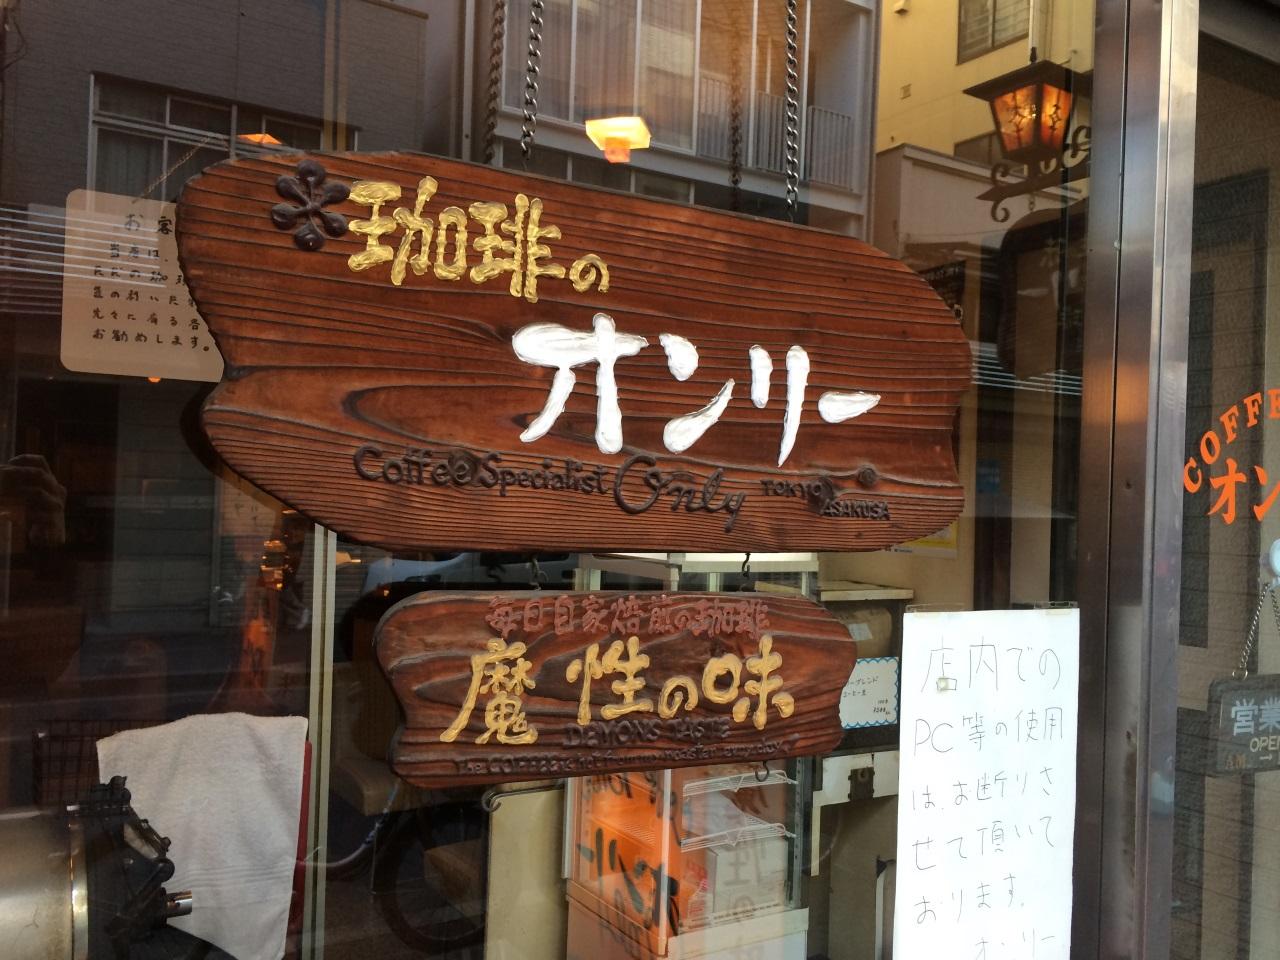 珈琲のオンリーの看板には「魔性の味」